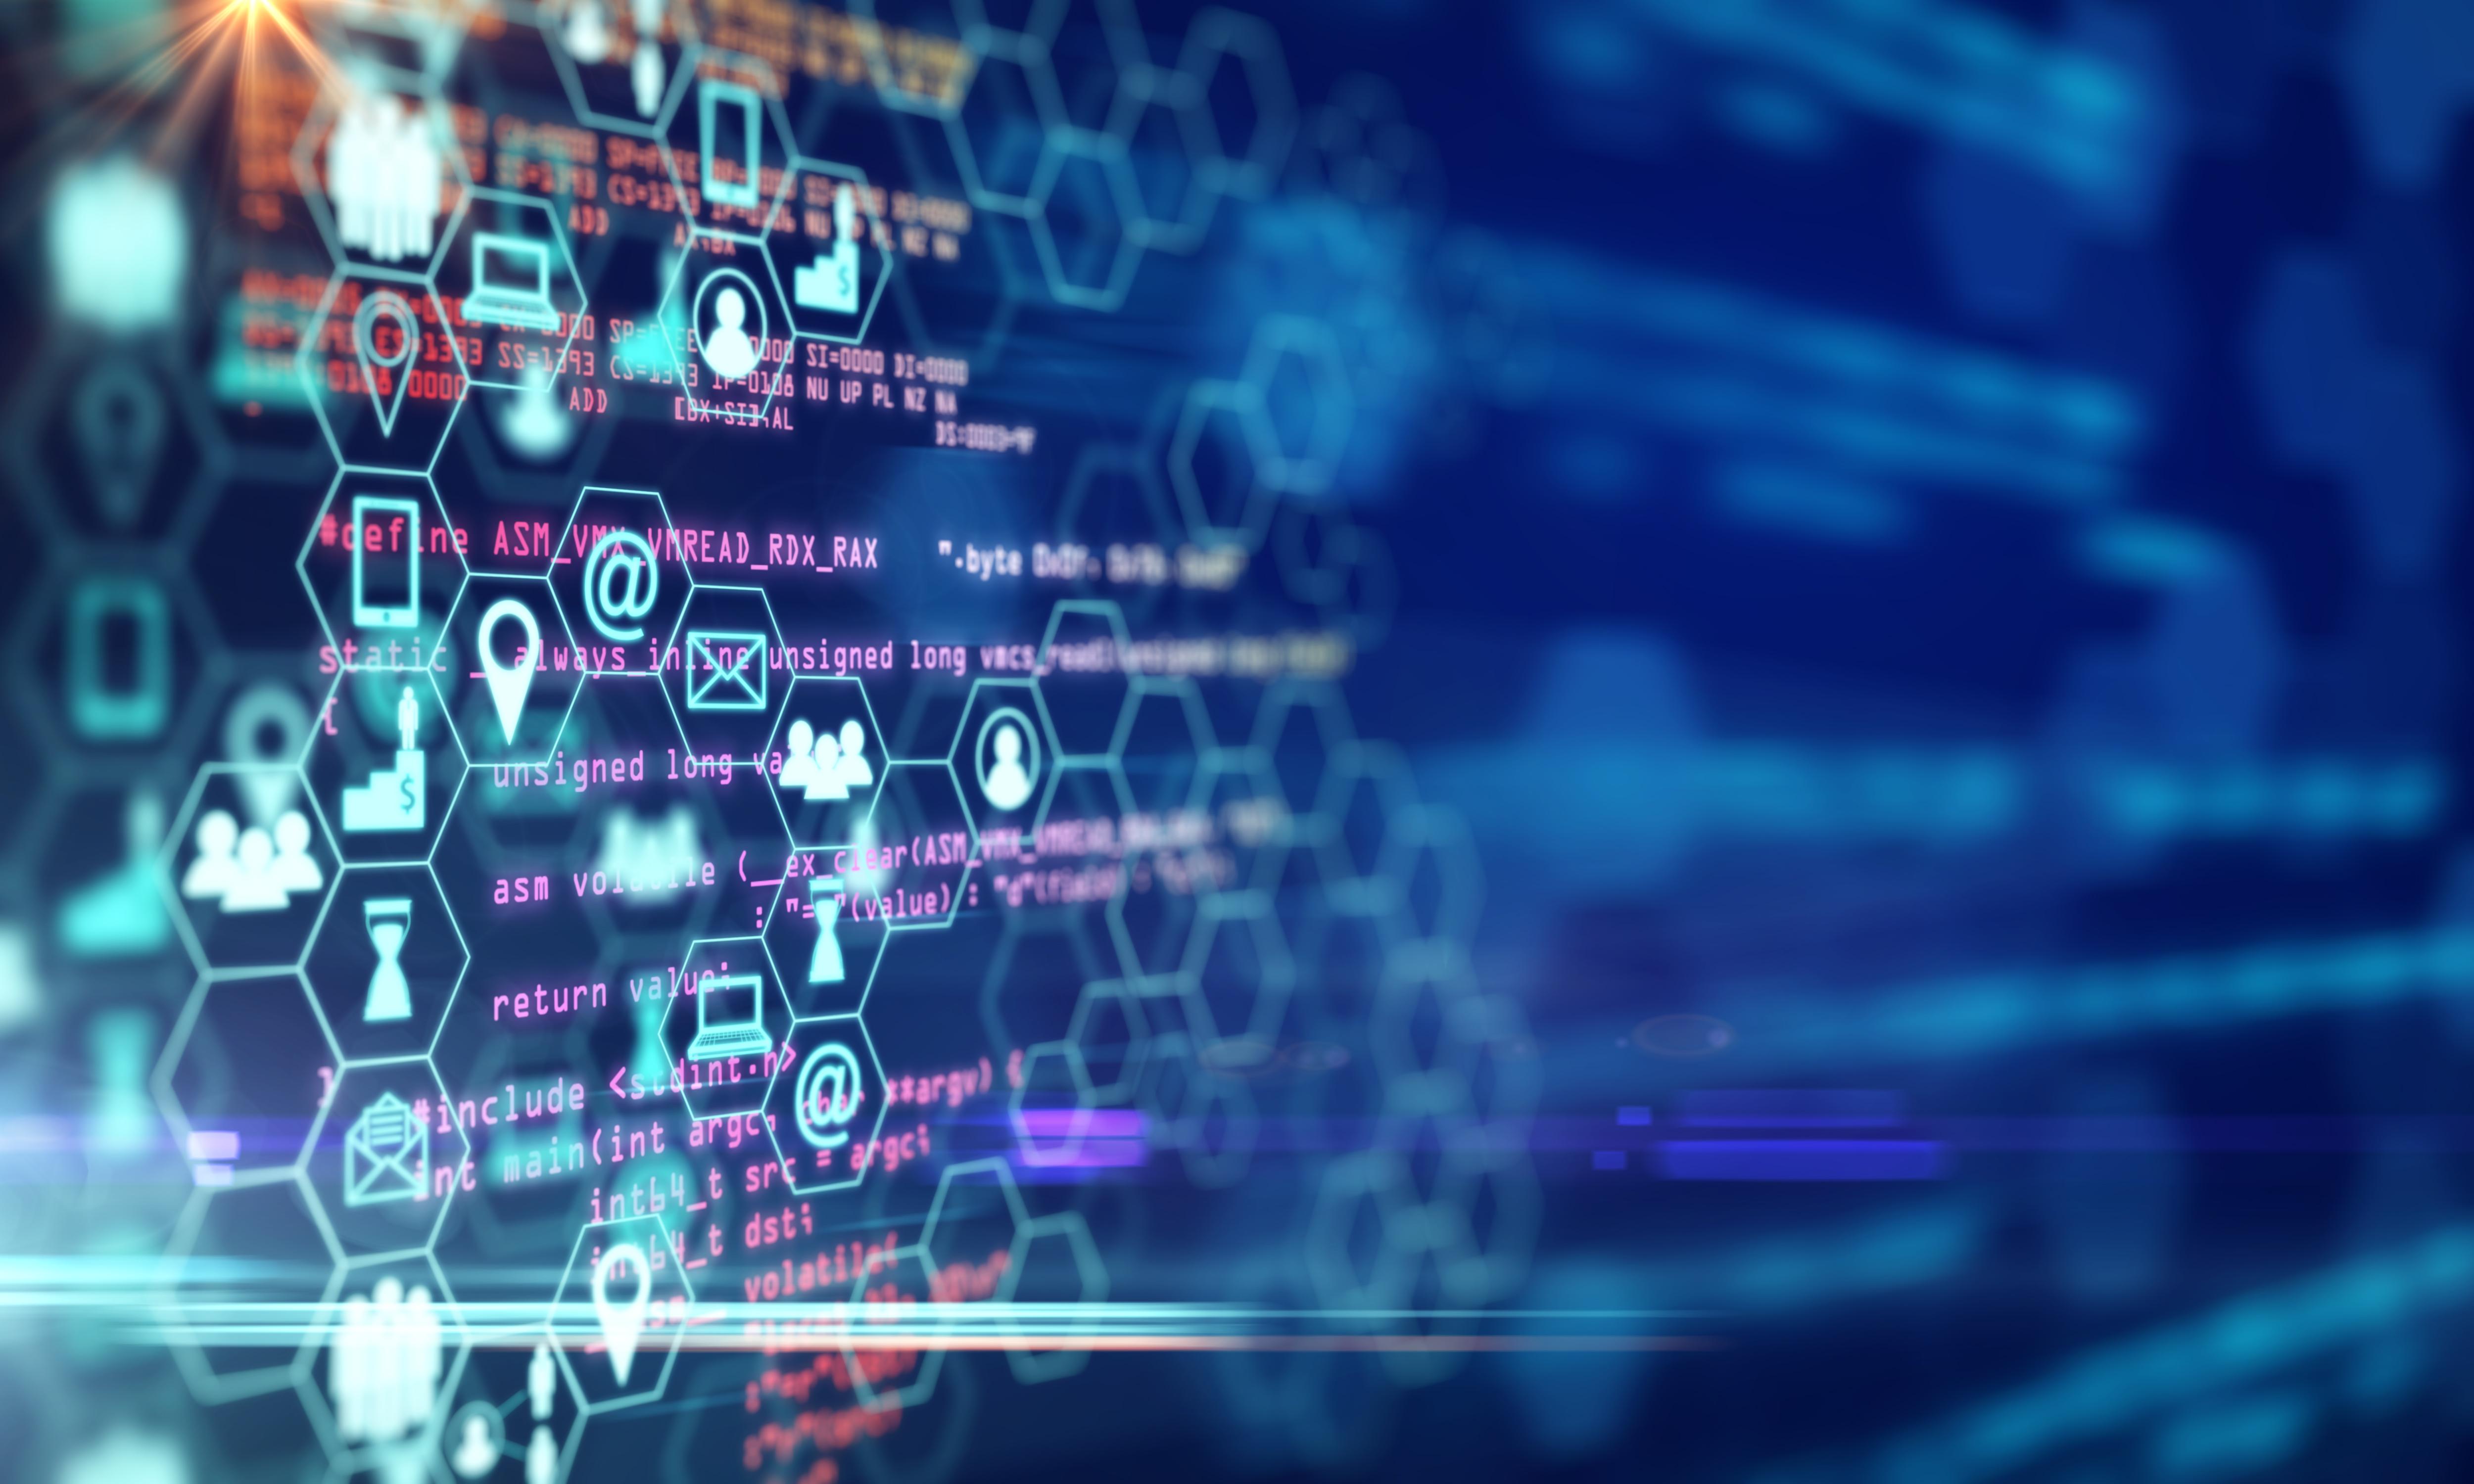 Le système d'information au cœur de la réussite des assureurs - News  Assurances Pro